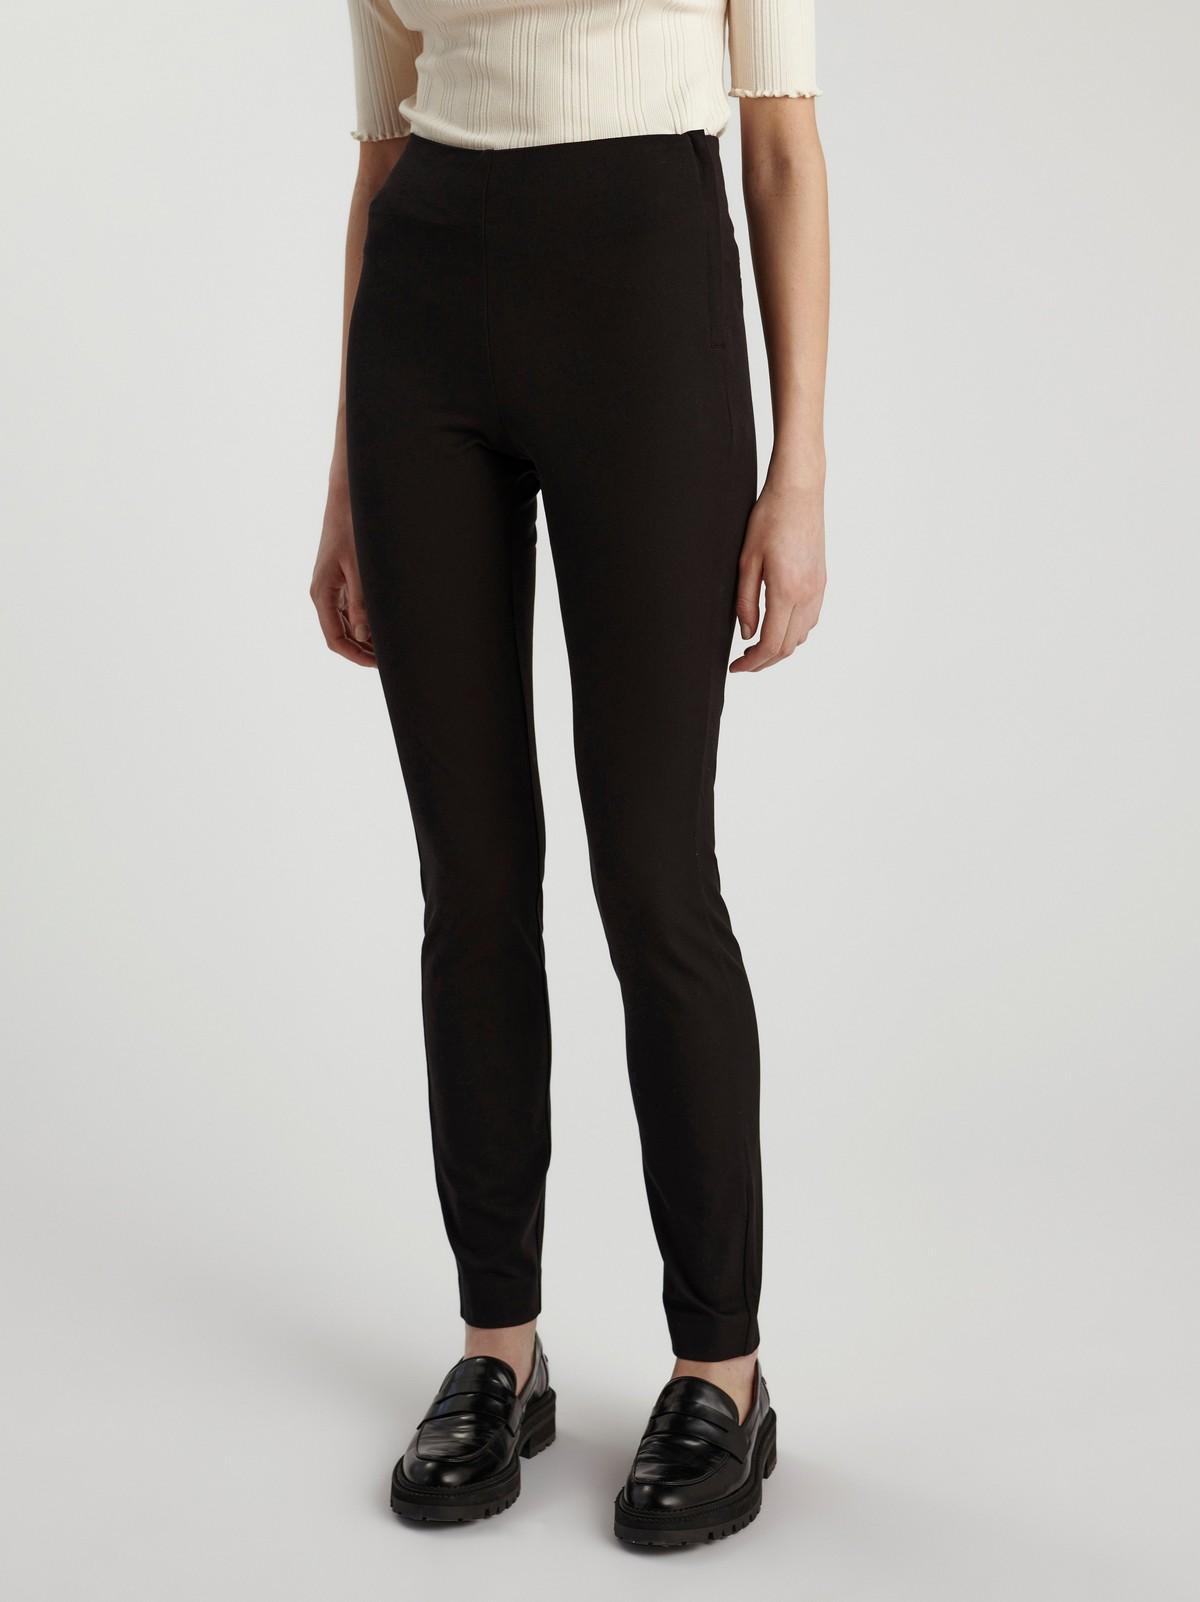 JONNA svart, smal bukse med høyt liv